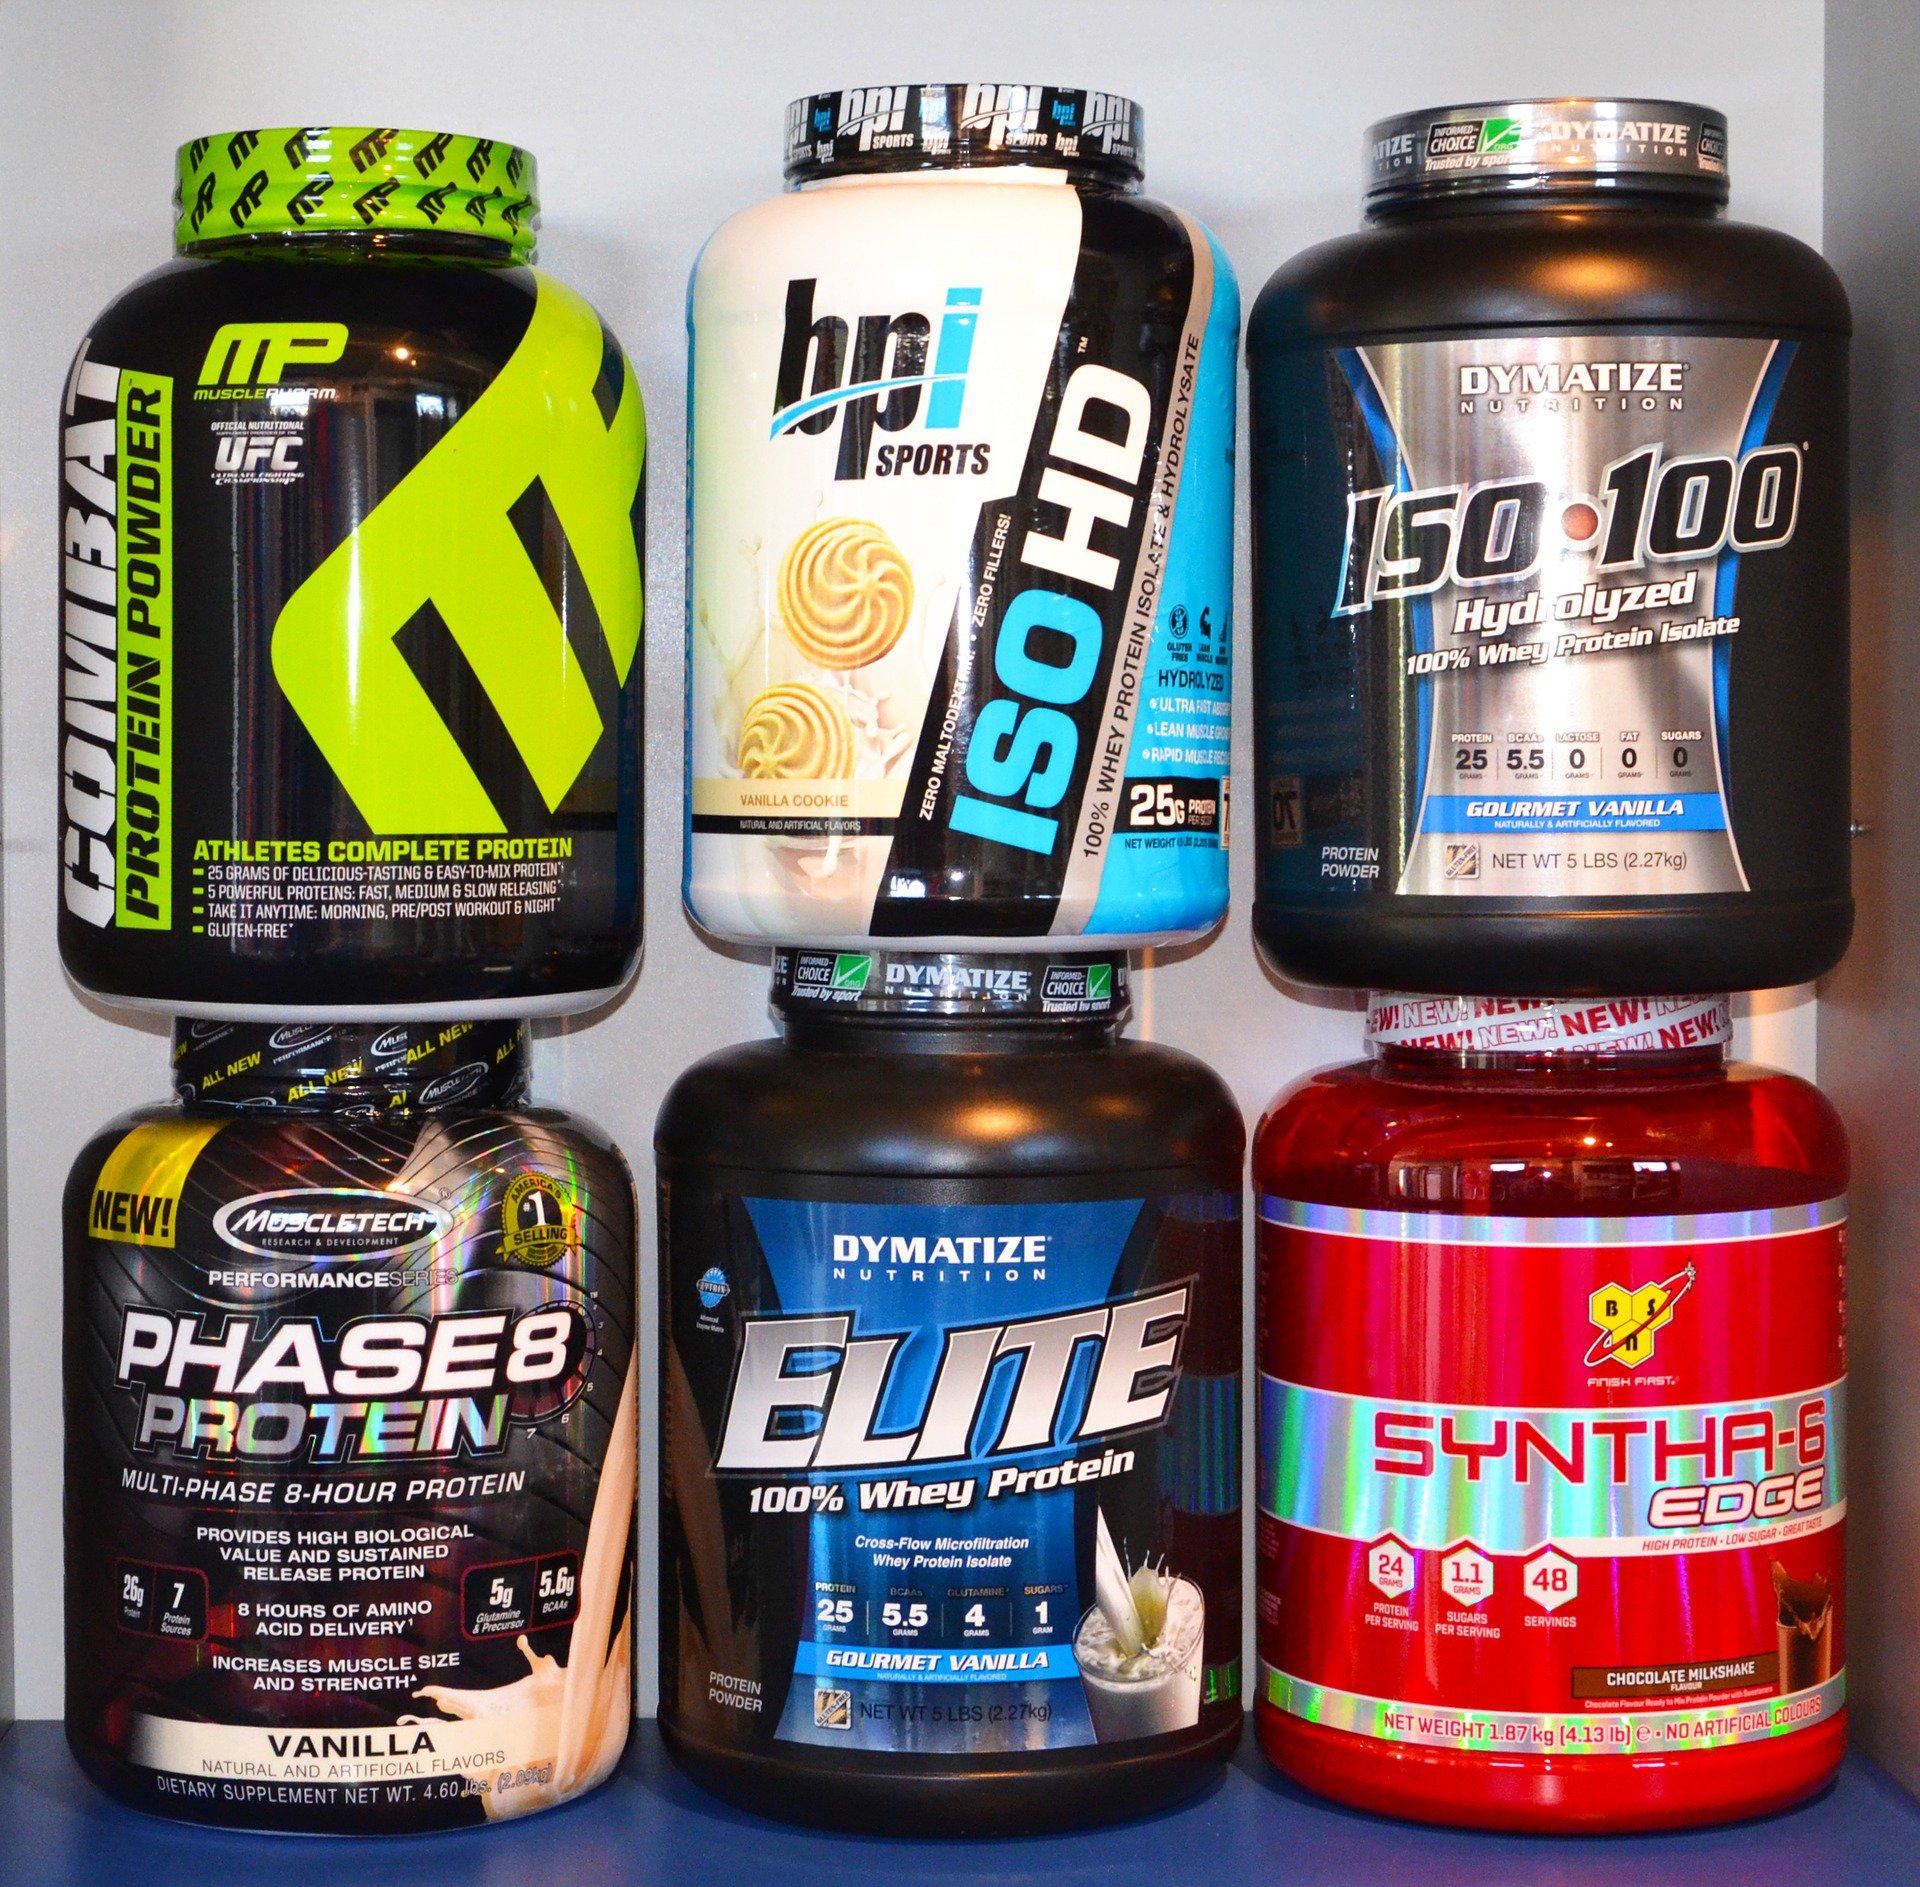 proteinas y suplementos para aumentar masa muscular